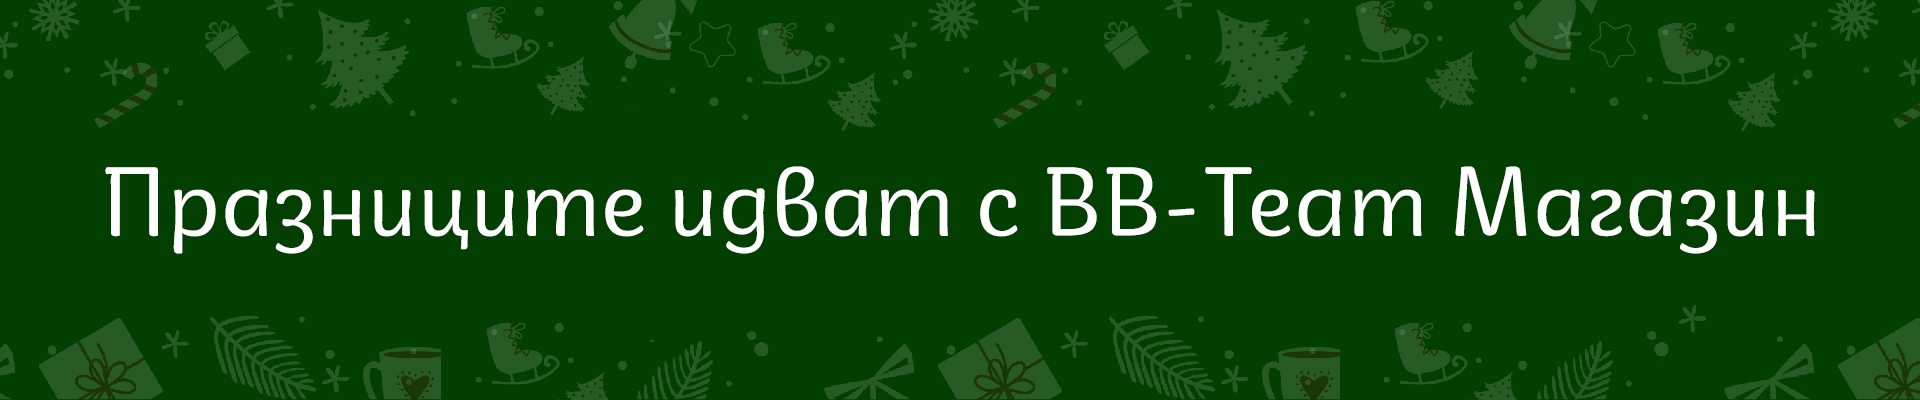 Коледните празници с BB-Team Магазин